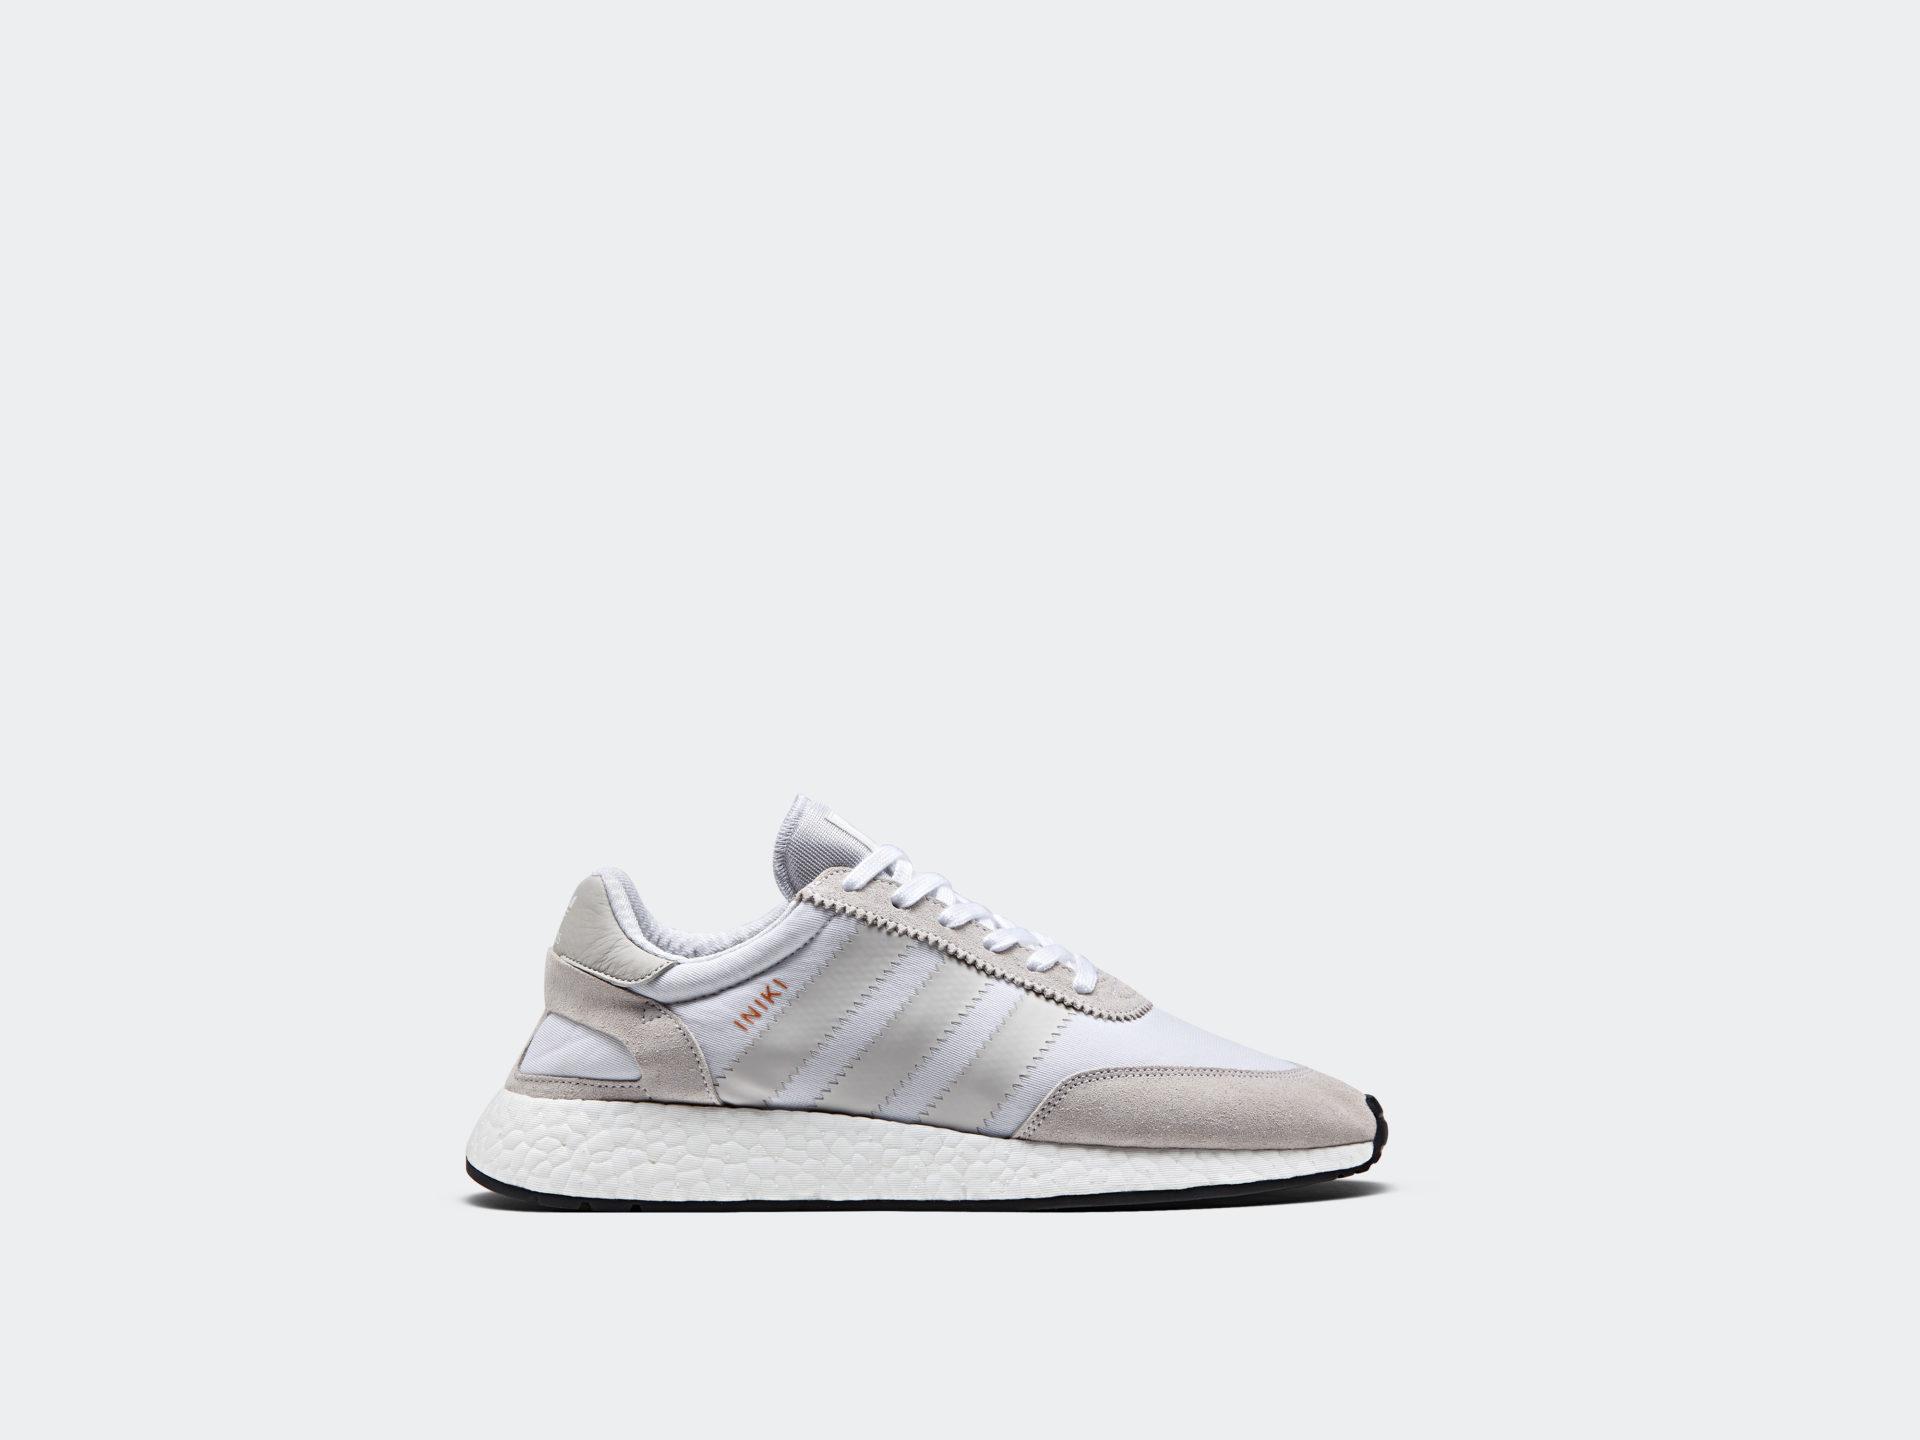 Adidas está lanzando más Vintage Iniki - inspired colorway este Iniki Vintage Runner 17edac